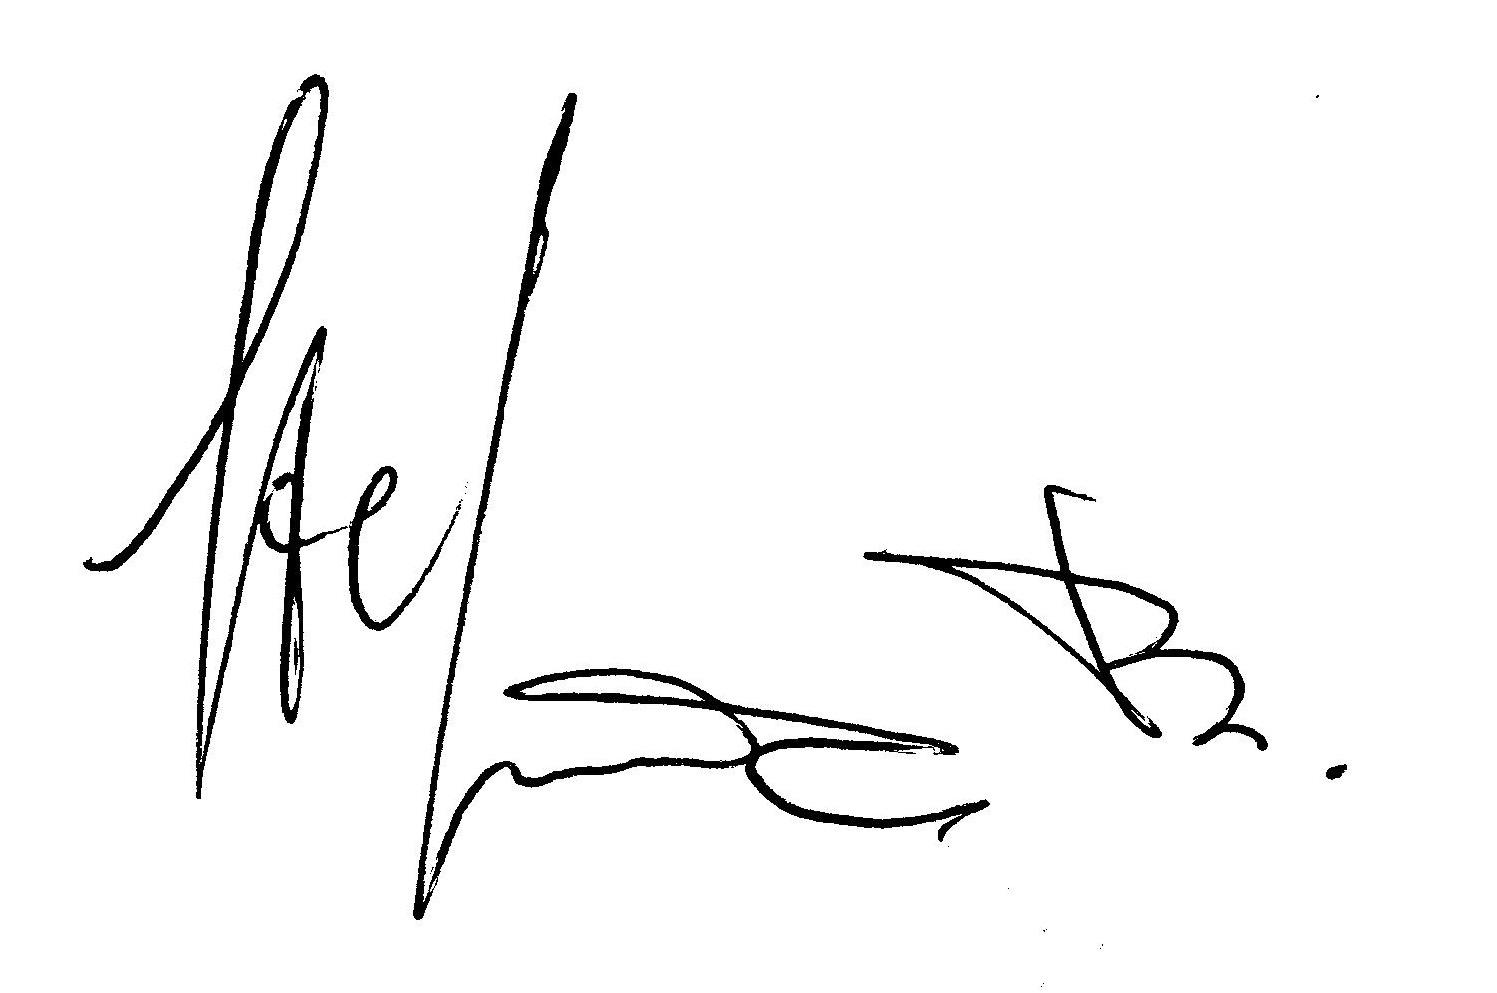 stefania bochicchio's Signature